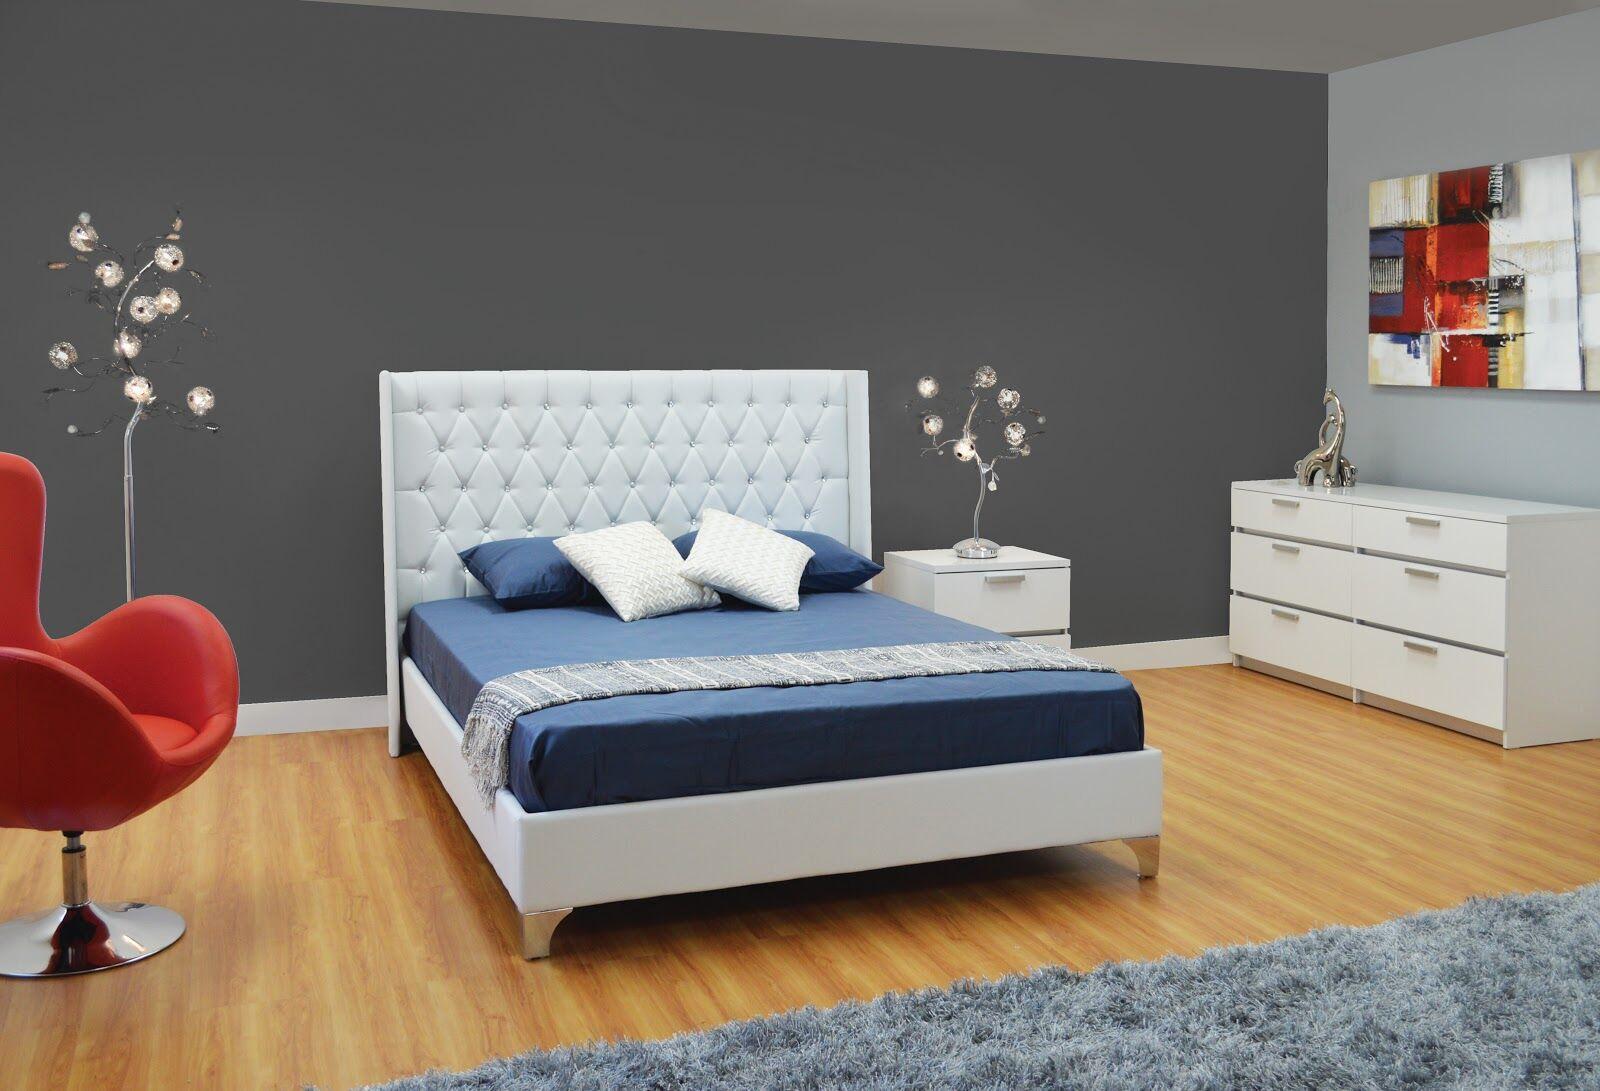 Burntwood Upholstered Platform Bed Color: White